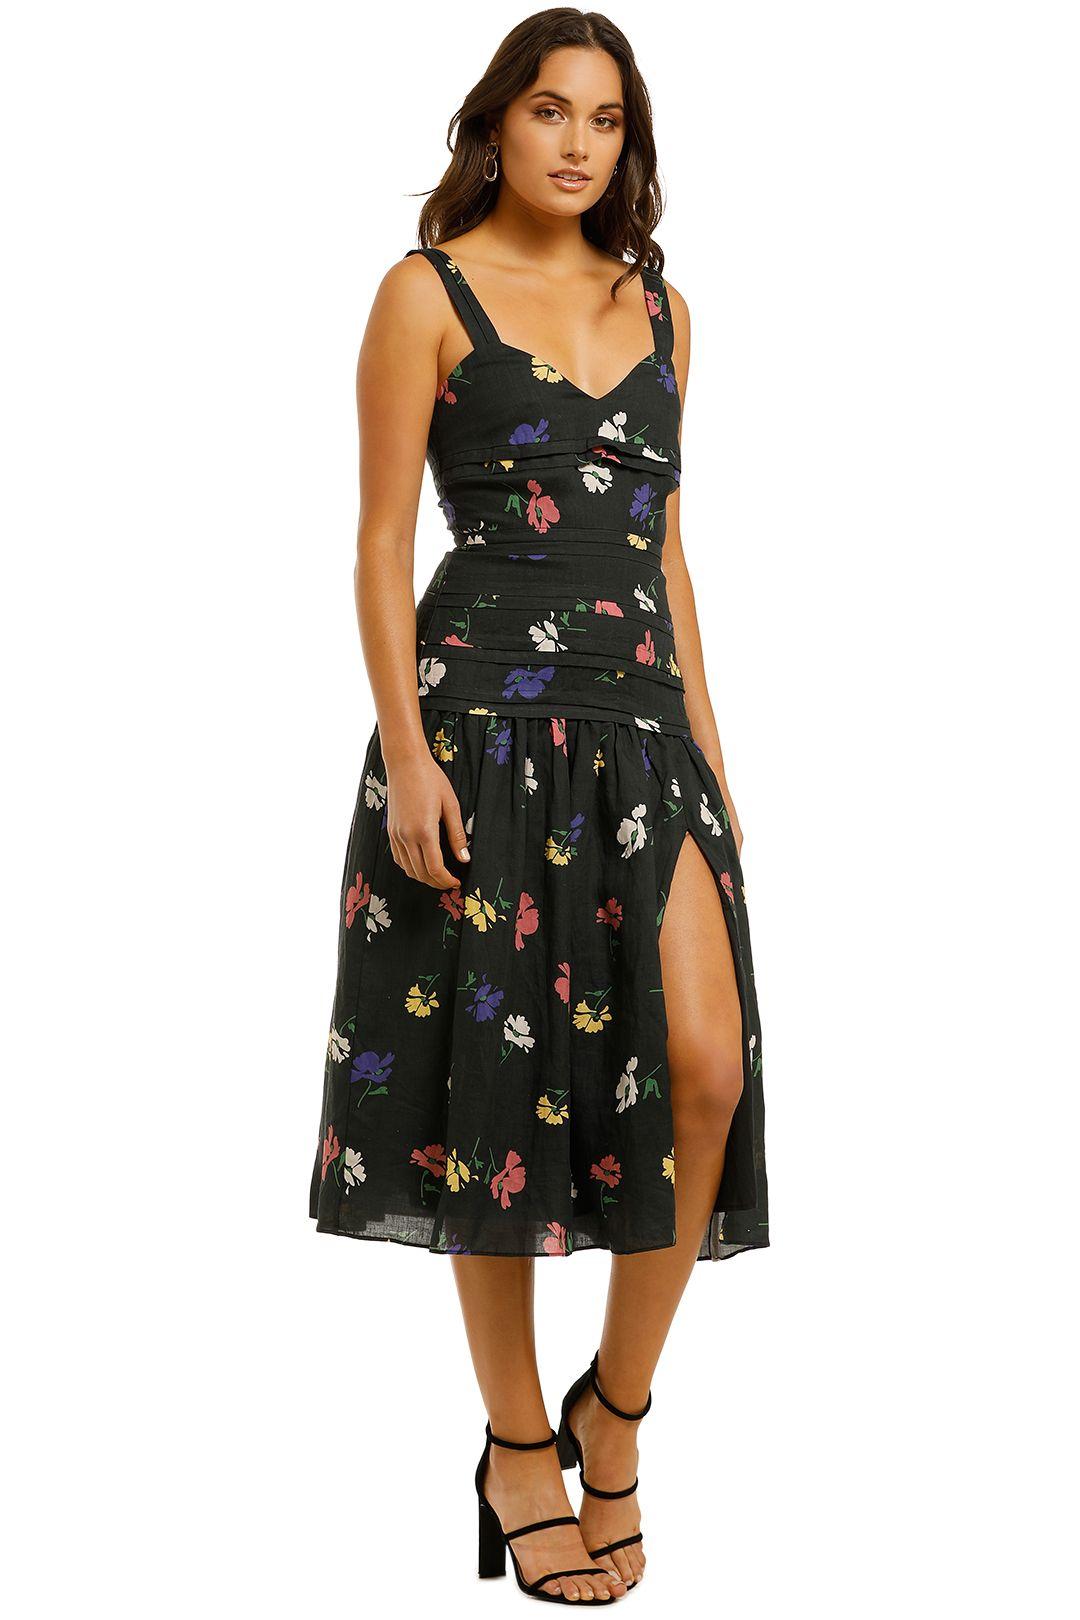 Talulah-Pinata-Midi-Dress-Francessca-Floral-Front